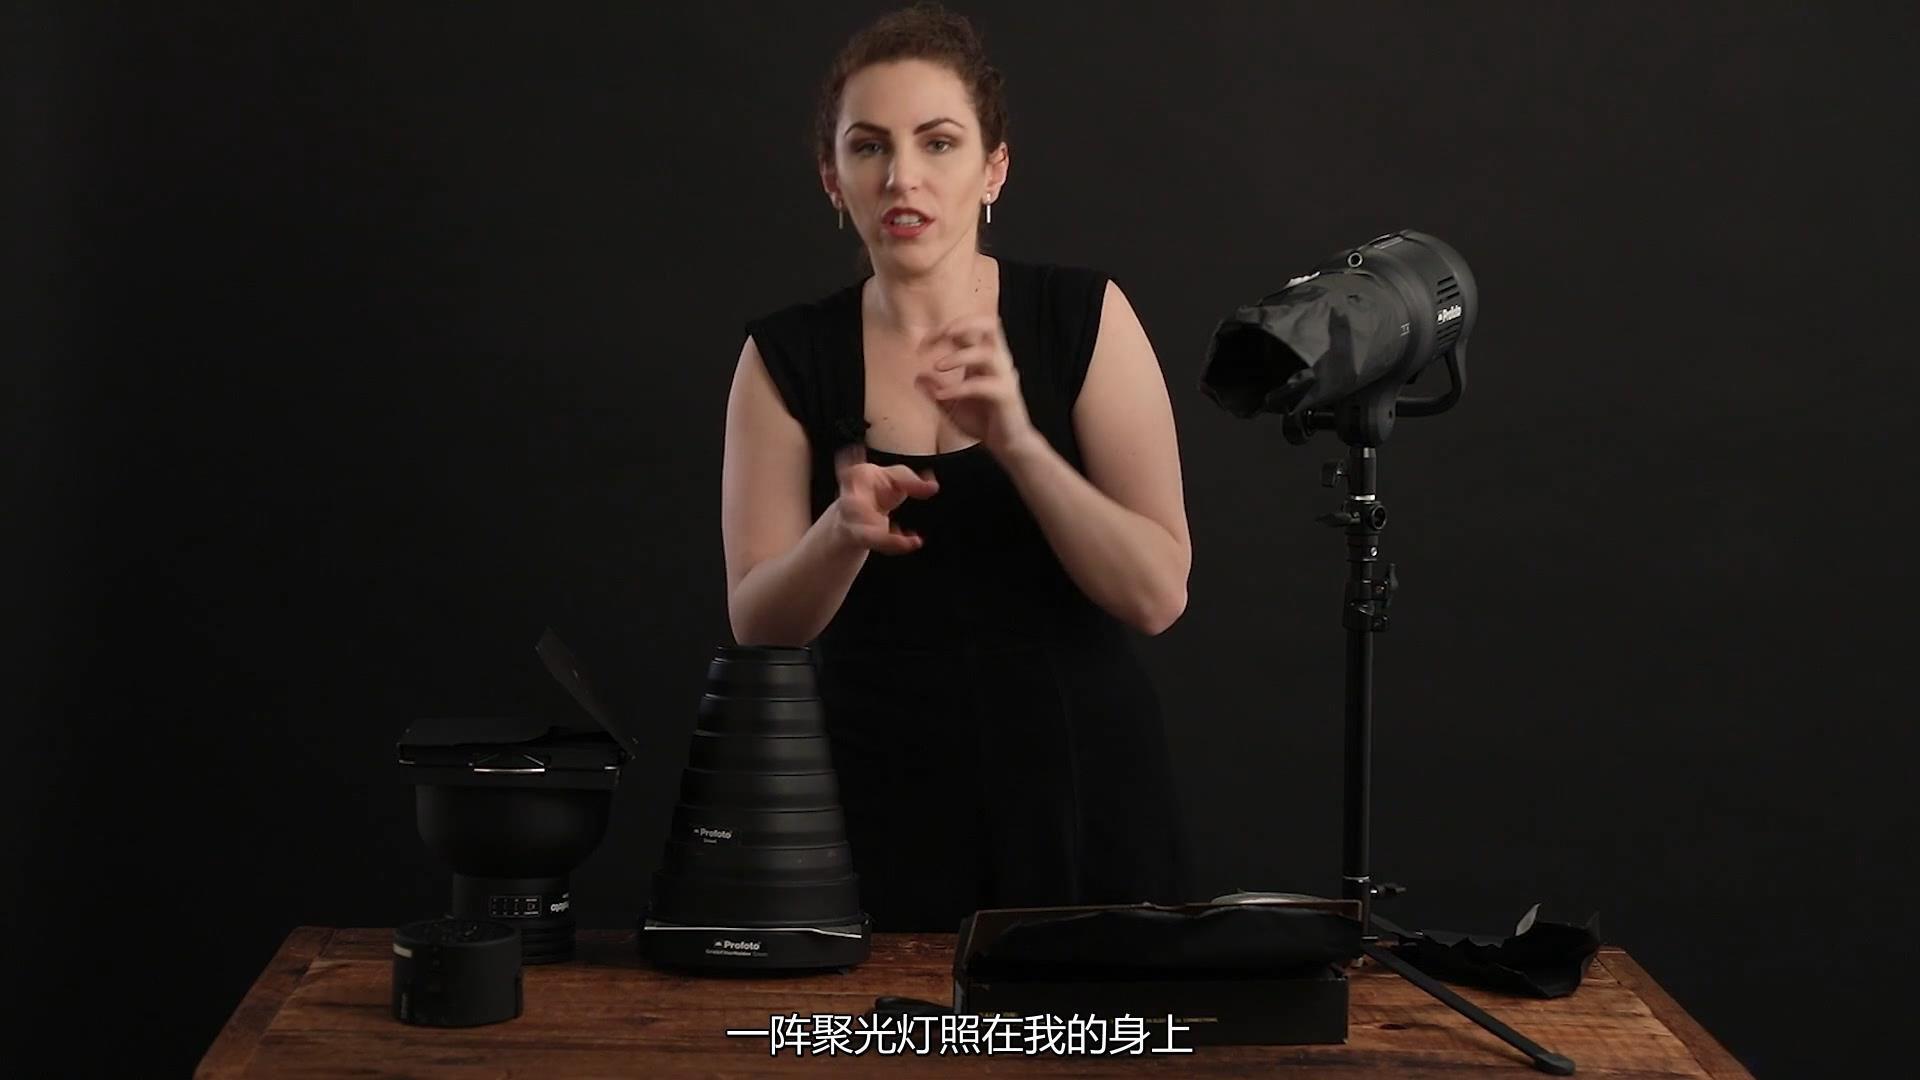 摄影教程_Lindsay Adler为期10周的工作室棚拍布光大师班教程-中文字幕 摄影教程 _预览图30